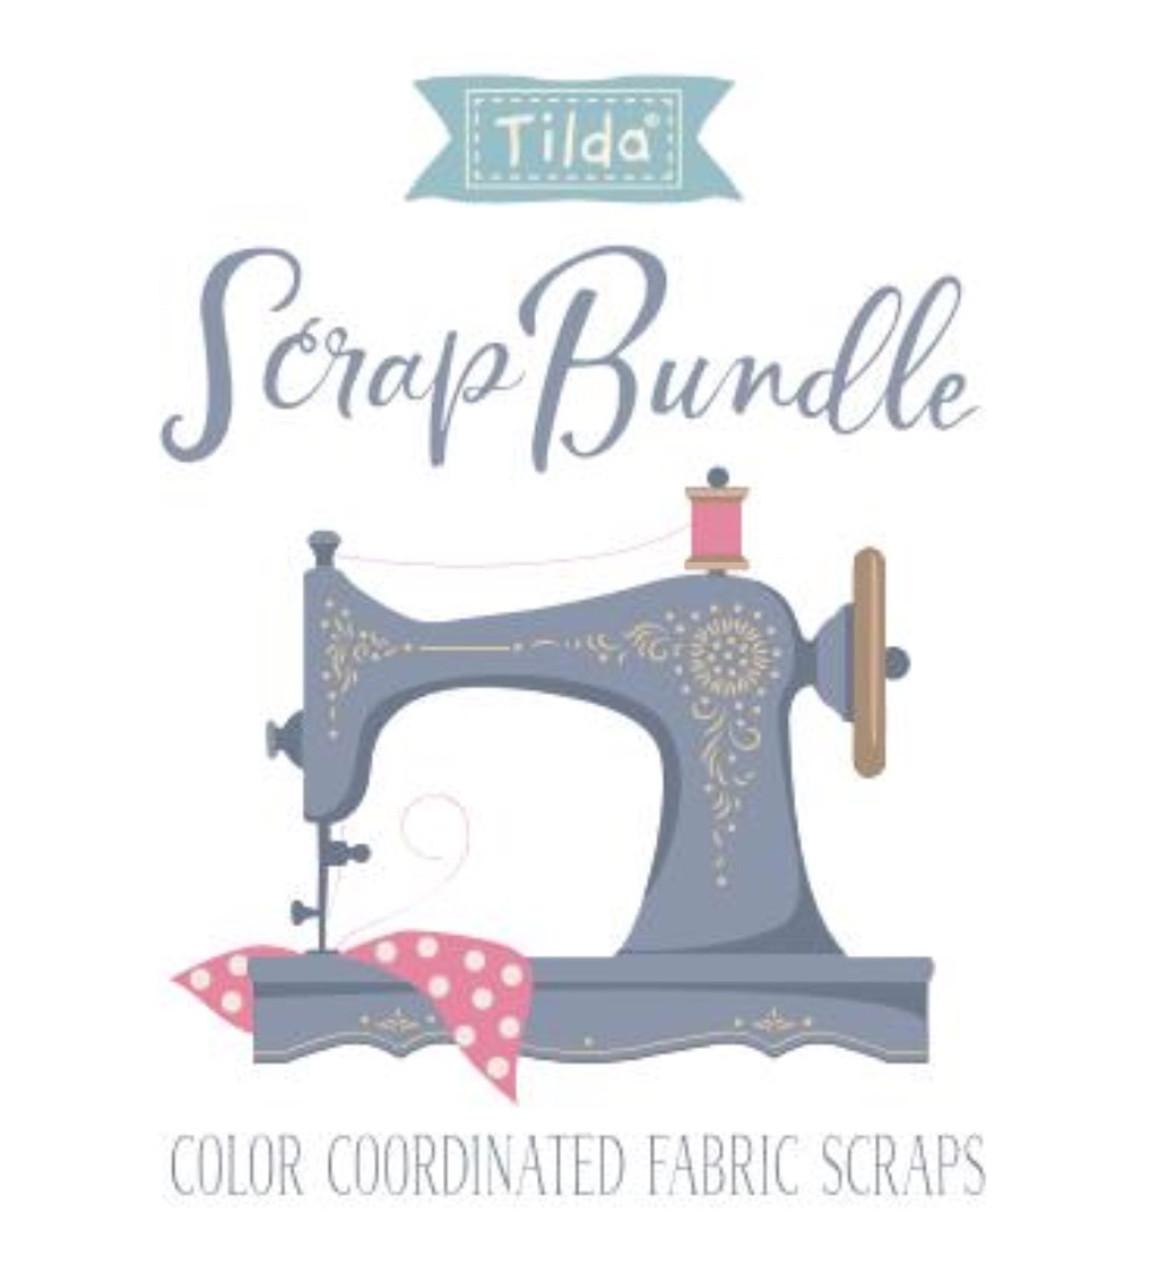 Tilda Scrap Bundle Collection